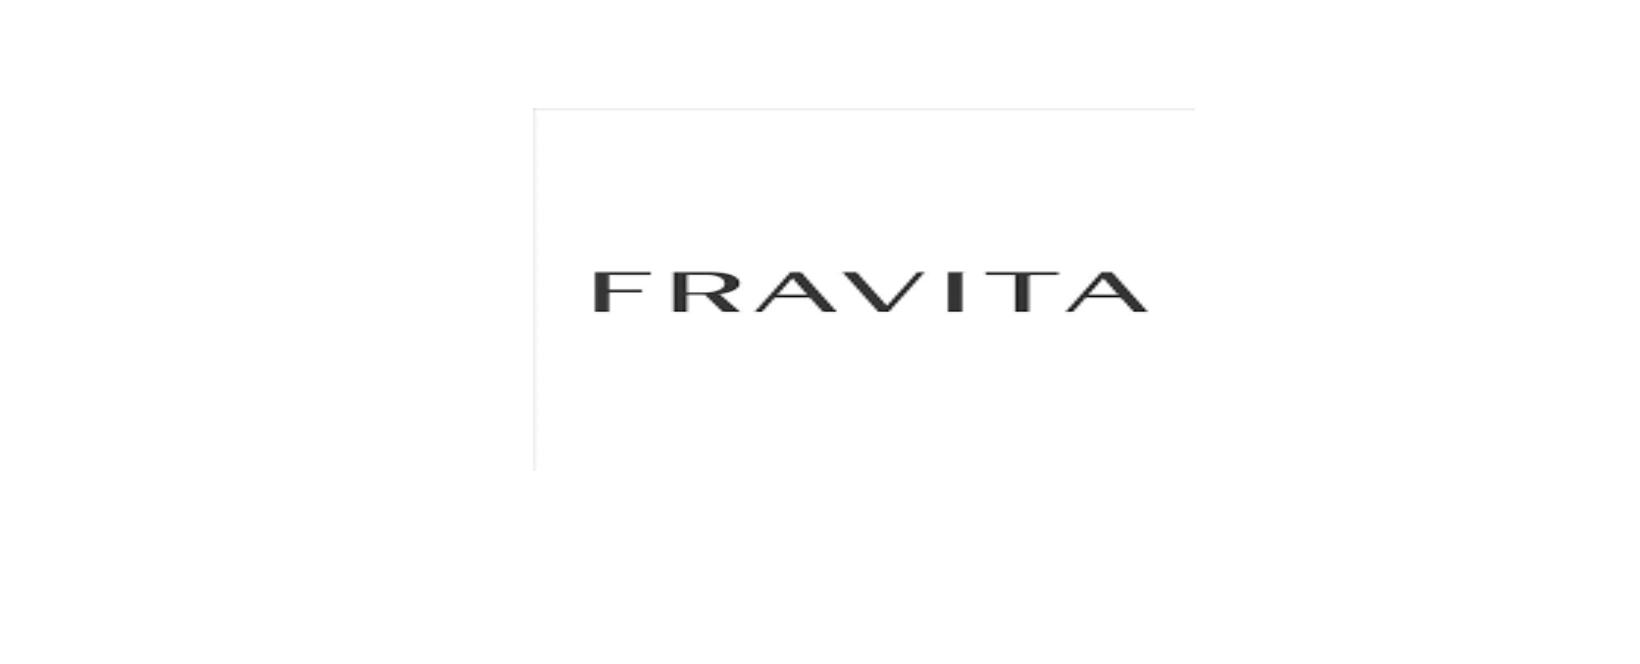 FRAVITA UK Discount Code 2021